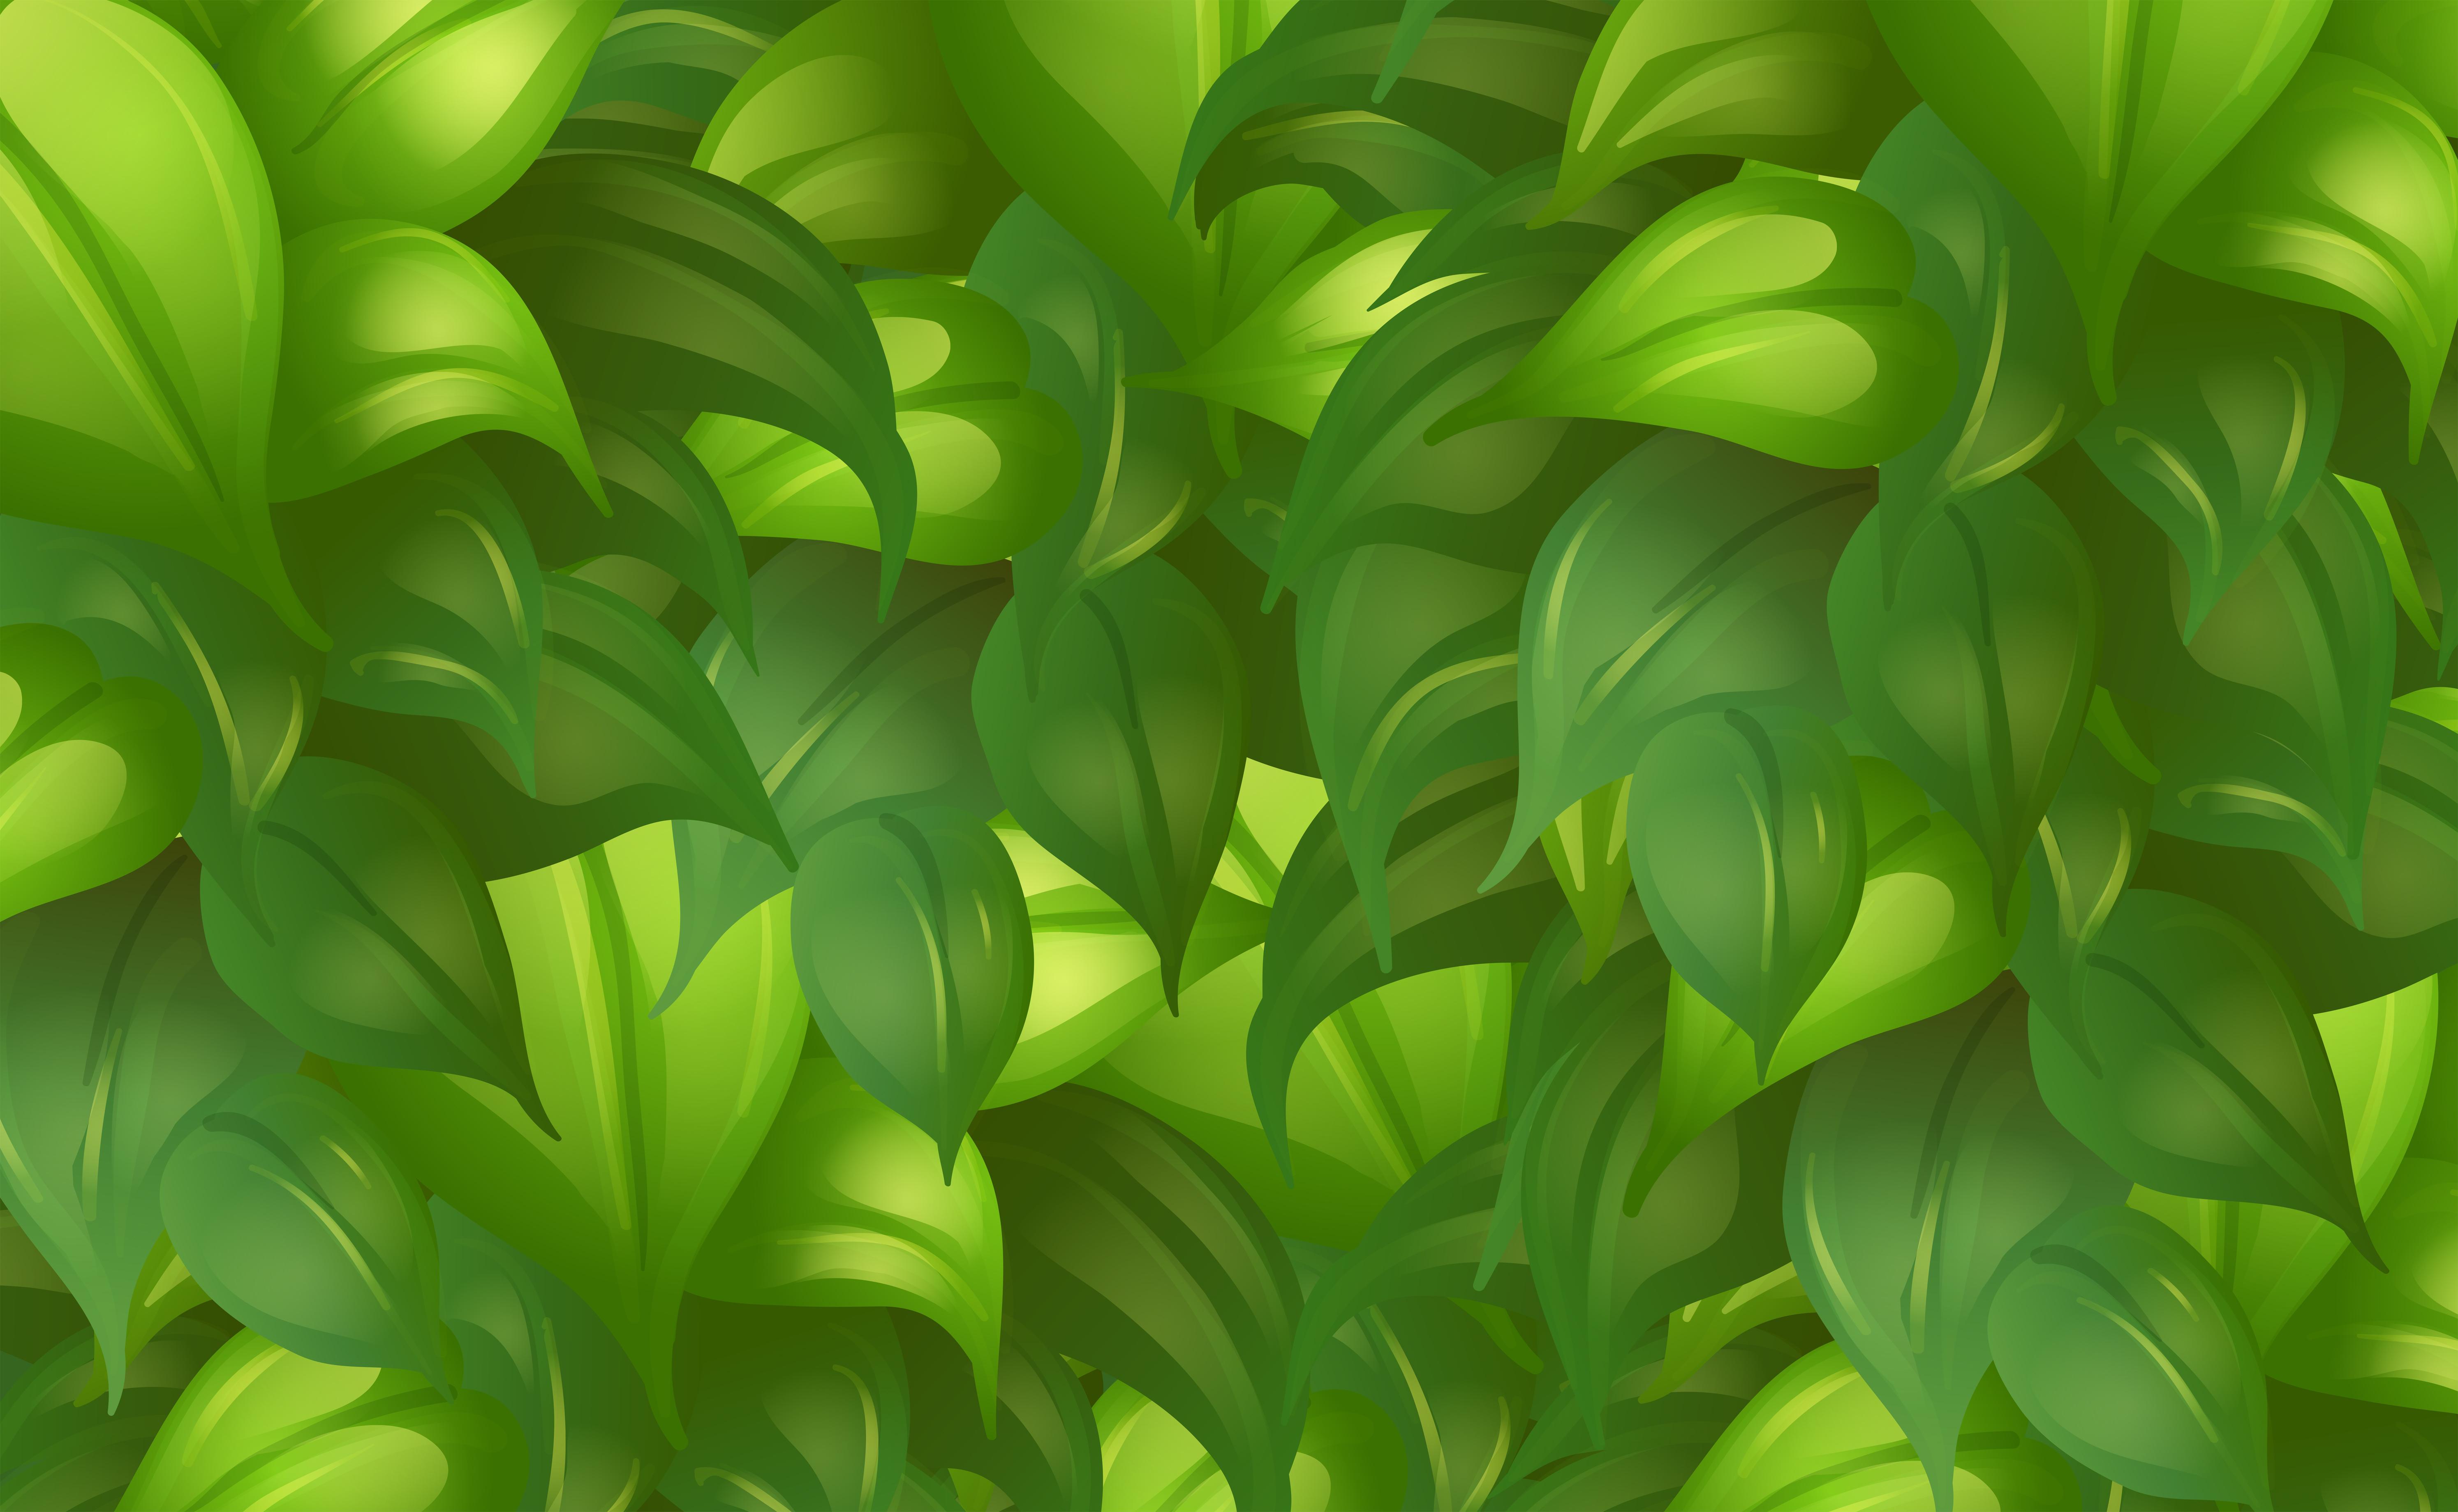 樹葉背景 免費下載 | 天天瘋後製